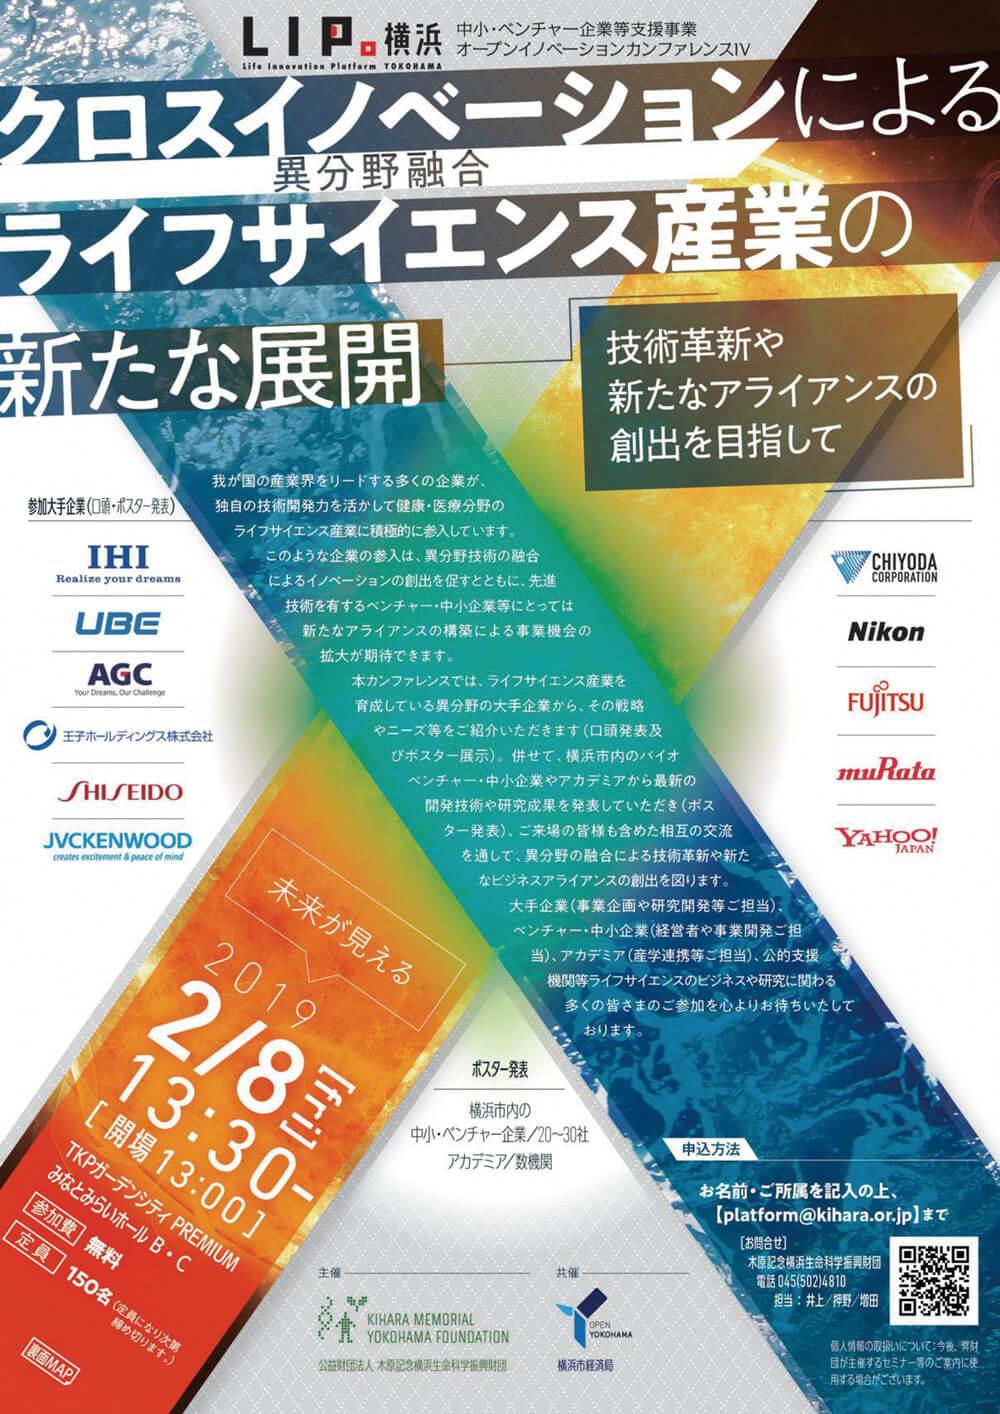 中小・ベンチャー企業等支援事業 オープンイノベーションカンファレンスIV01